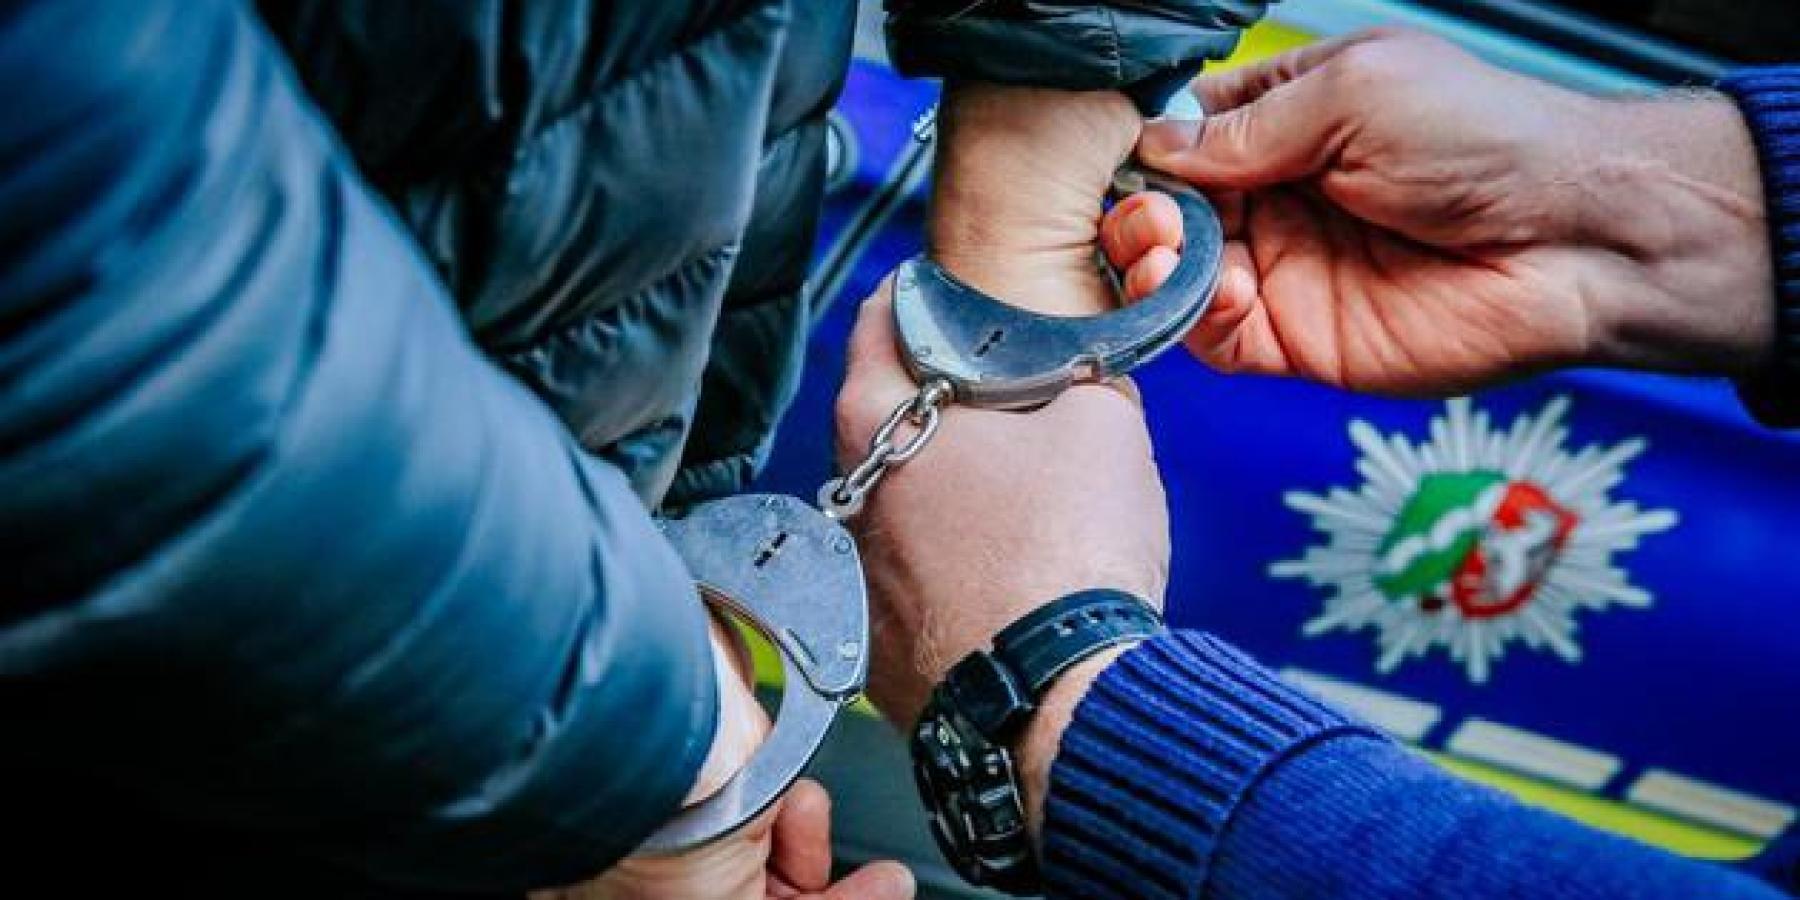 Festnahme von zwei Männern bei allgemeiner Verkehrskontrolle